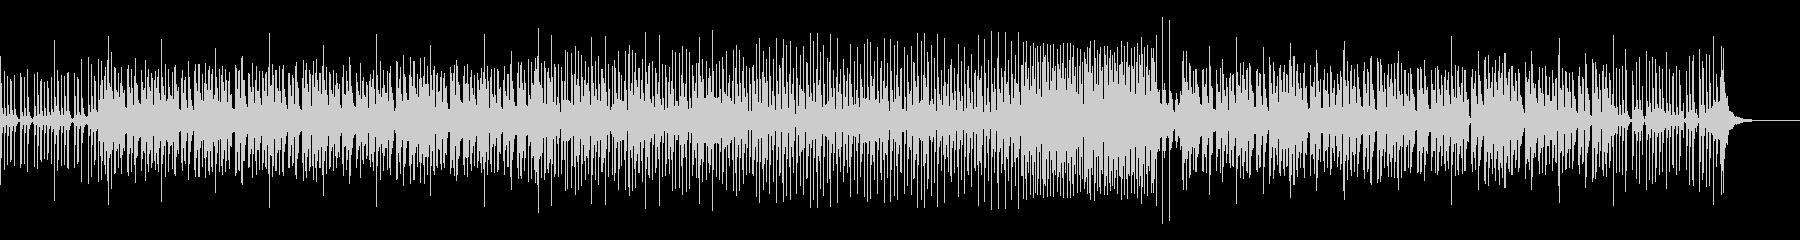 和楽器を使った 和風ダンスミュージックの未再生の波形